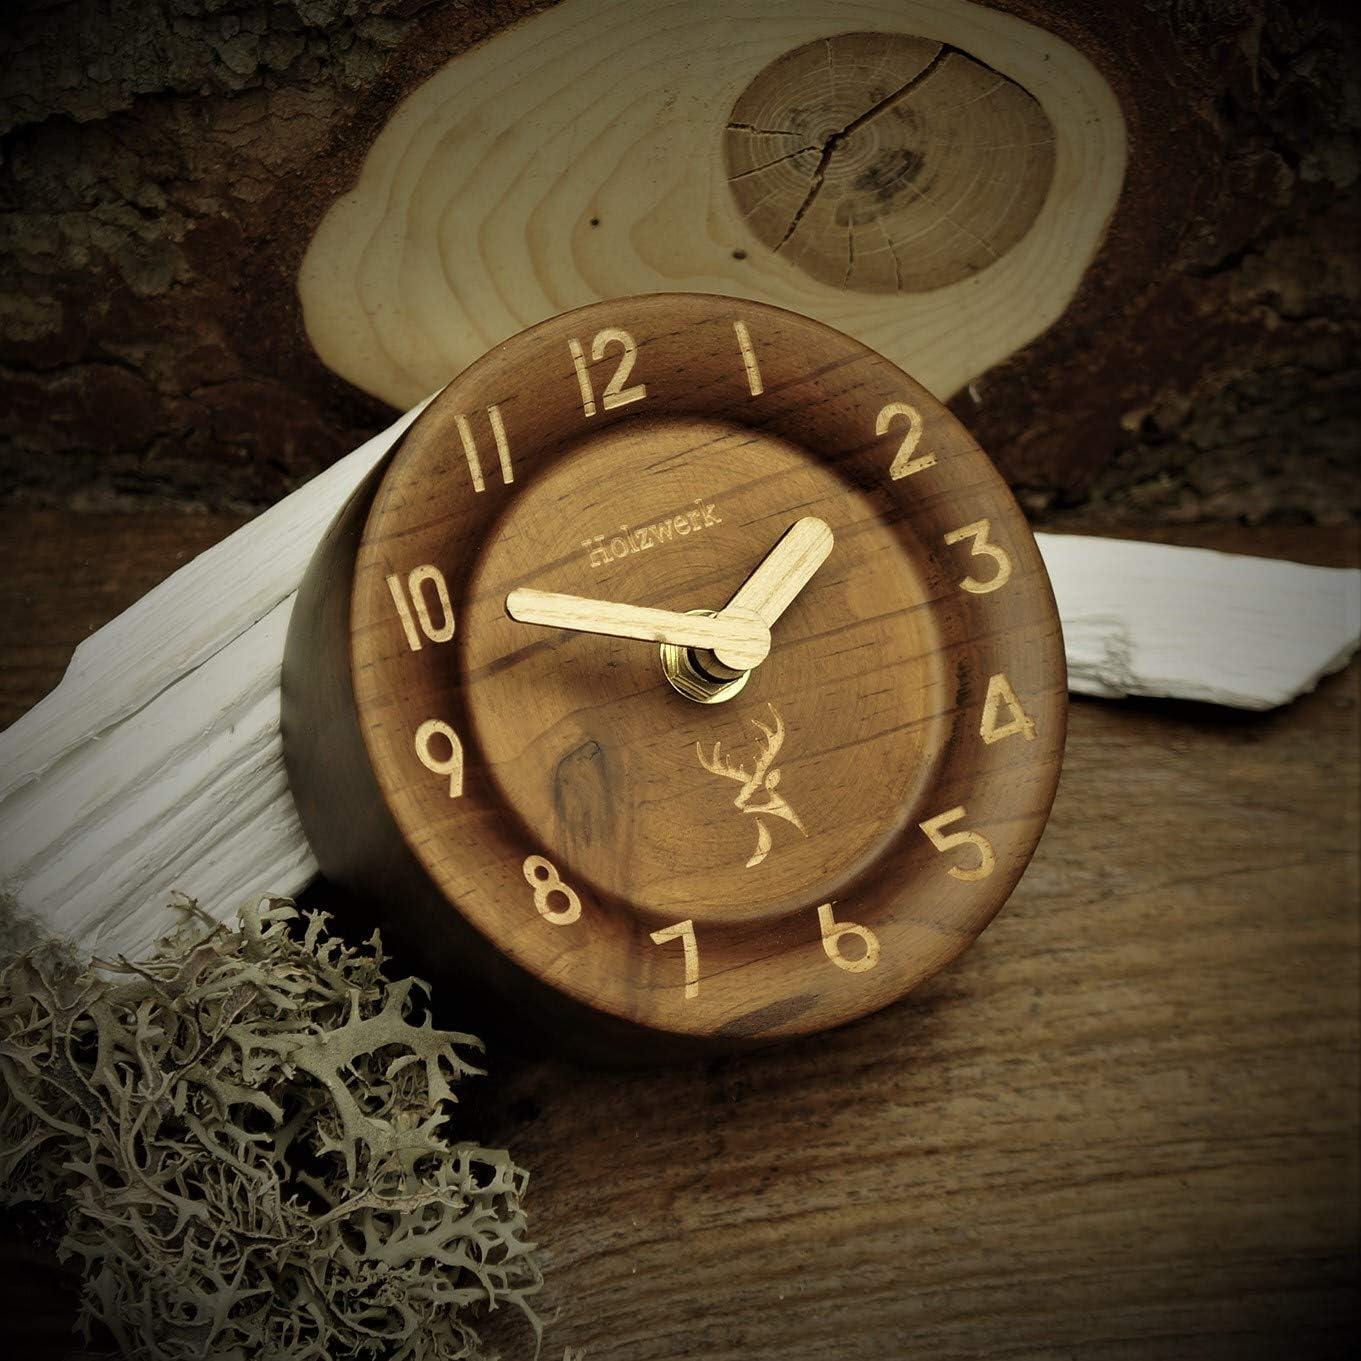 Braun-Eckig Holzwerk Germany /® Analog Retro Tisch-Uhr aus handgefertigtem Natur Holz Ahorn Braun ger/äuscharme Uhr Runde Eckig Holzuhr Stand-Uhr ohne Ticken mit Holzzeiger Handgefertigt